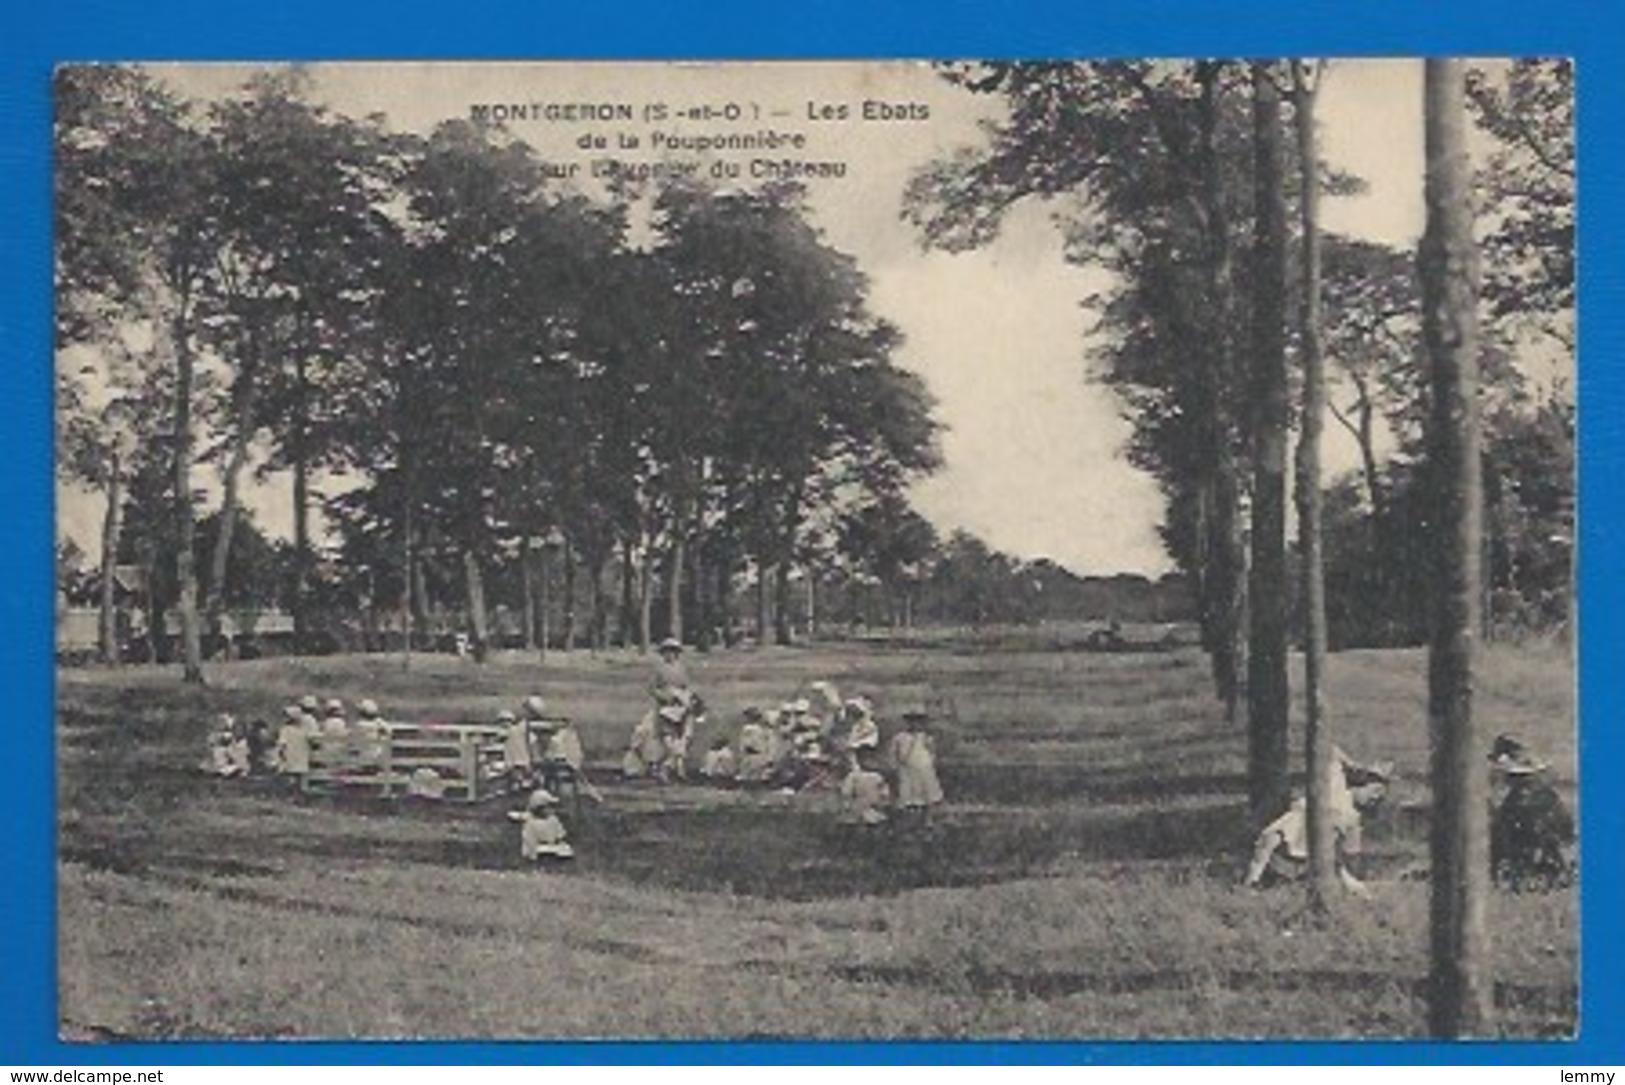 91 - MONTGERON - LES ÉBATS DE LA POUPONNIÈRE, AVENUE DU CHATEAU - 1922 - Montgeron